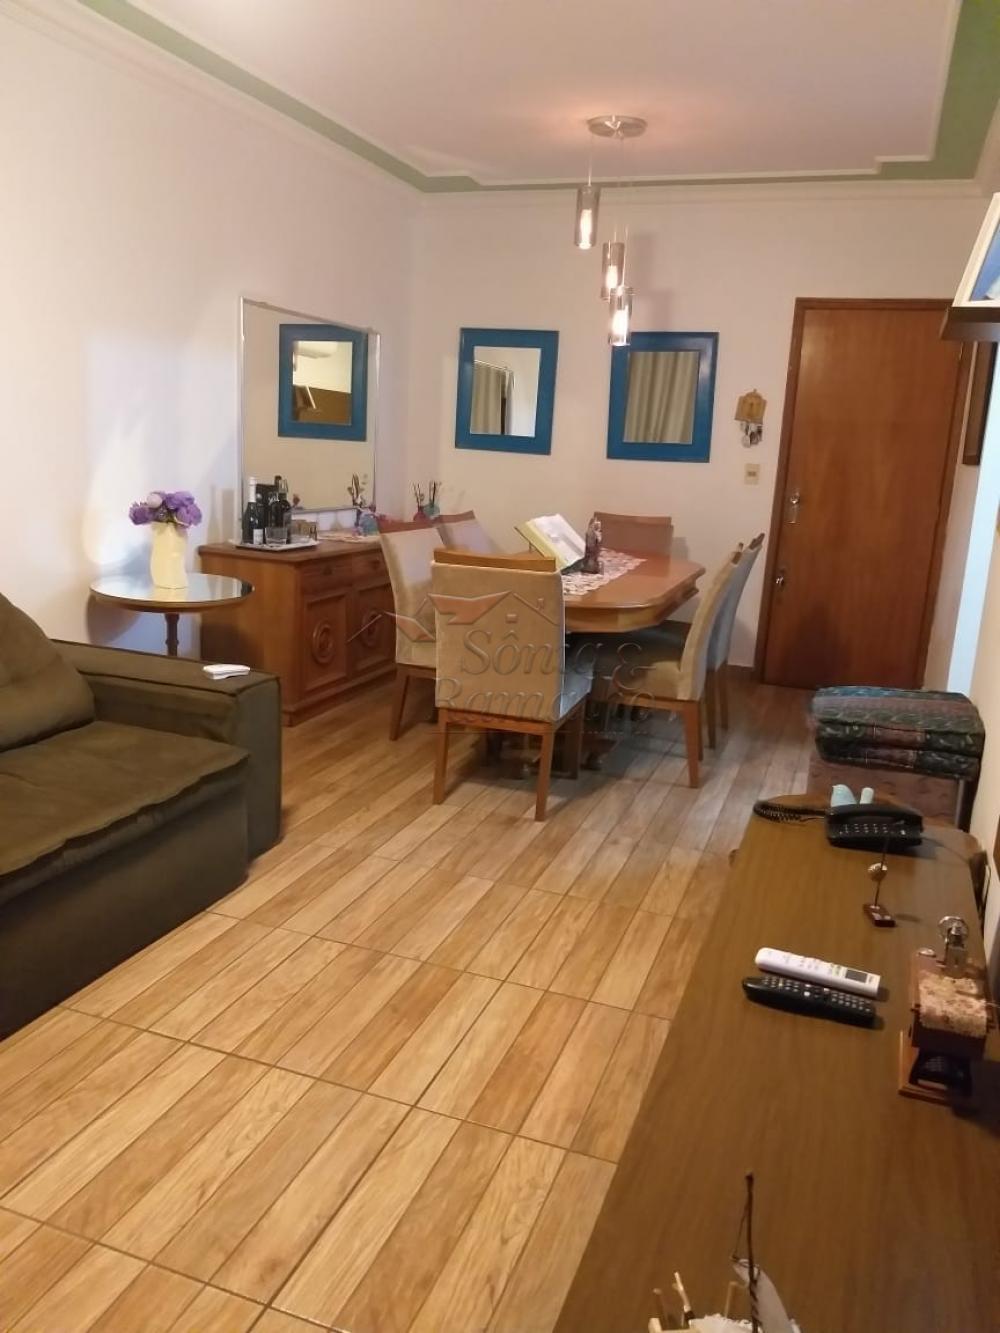 Comprar Apartamentos / Padrão em Ribeirão Preto apenas R$ 196.000,00 - Foto 23